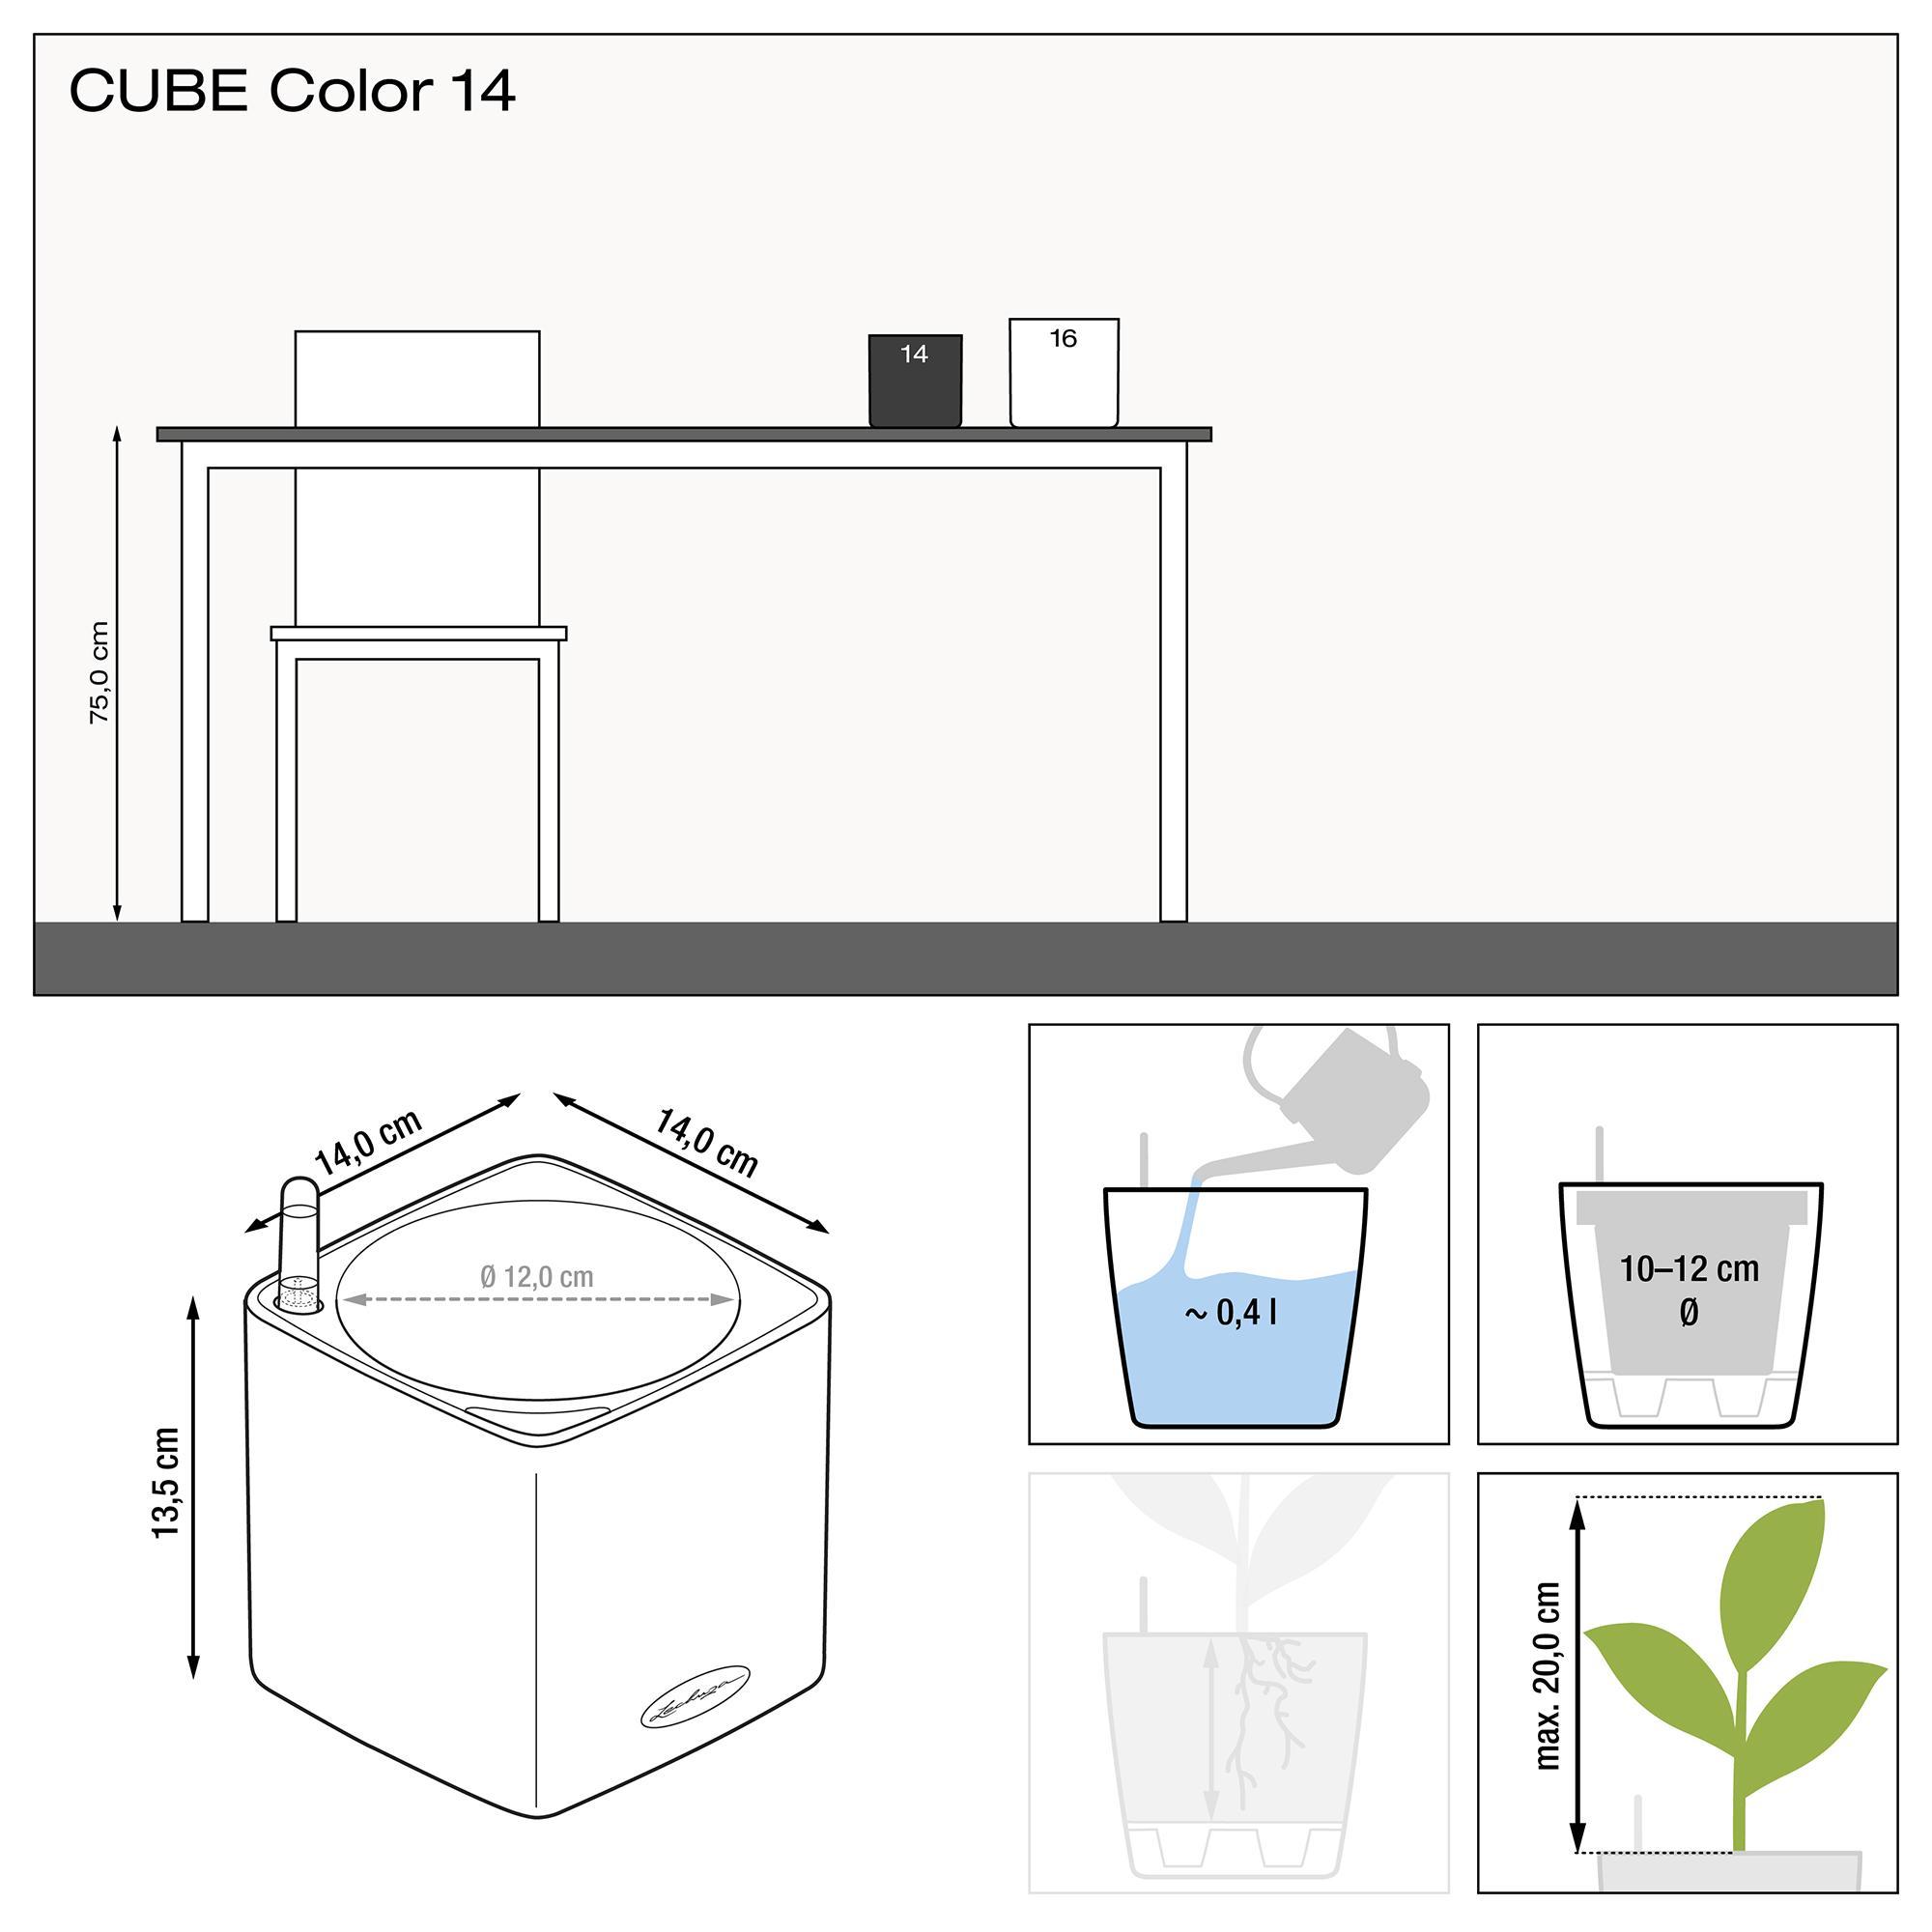 CUBE Color 14 limettengrün - Bild 2